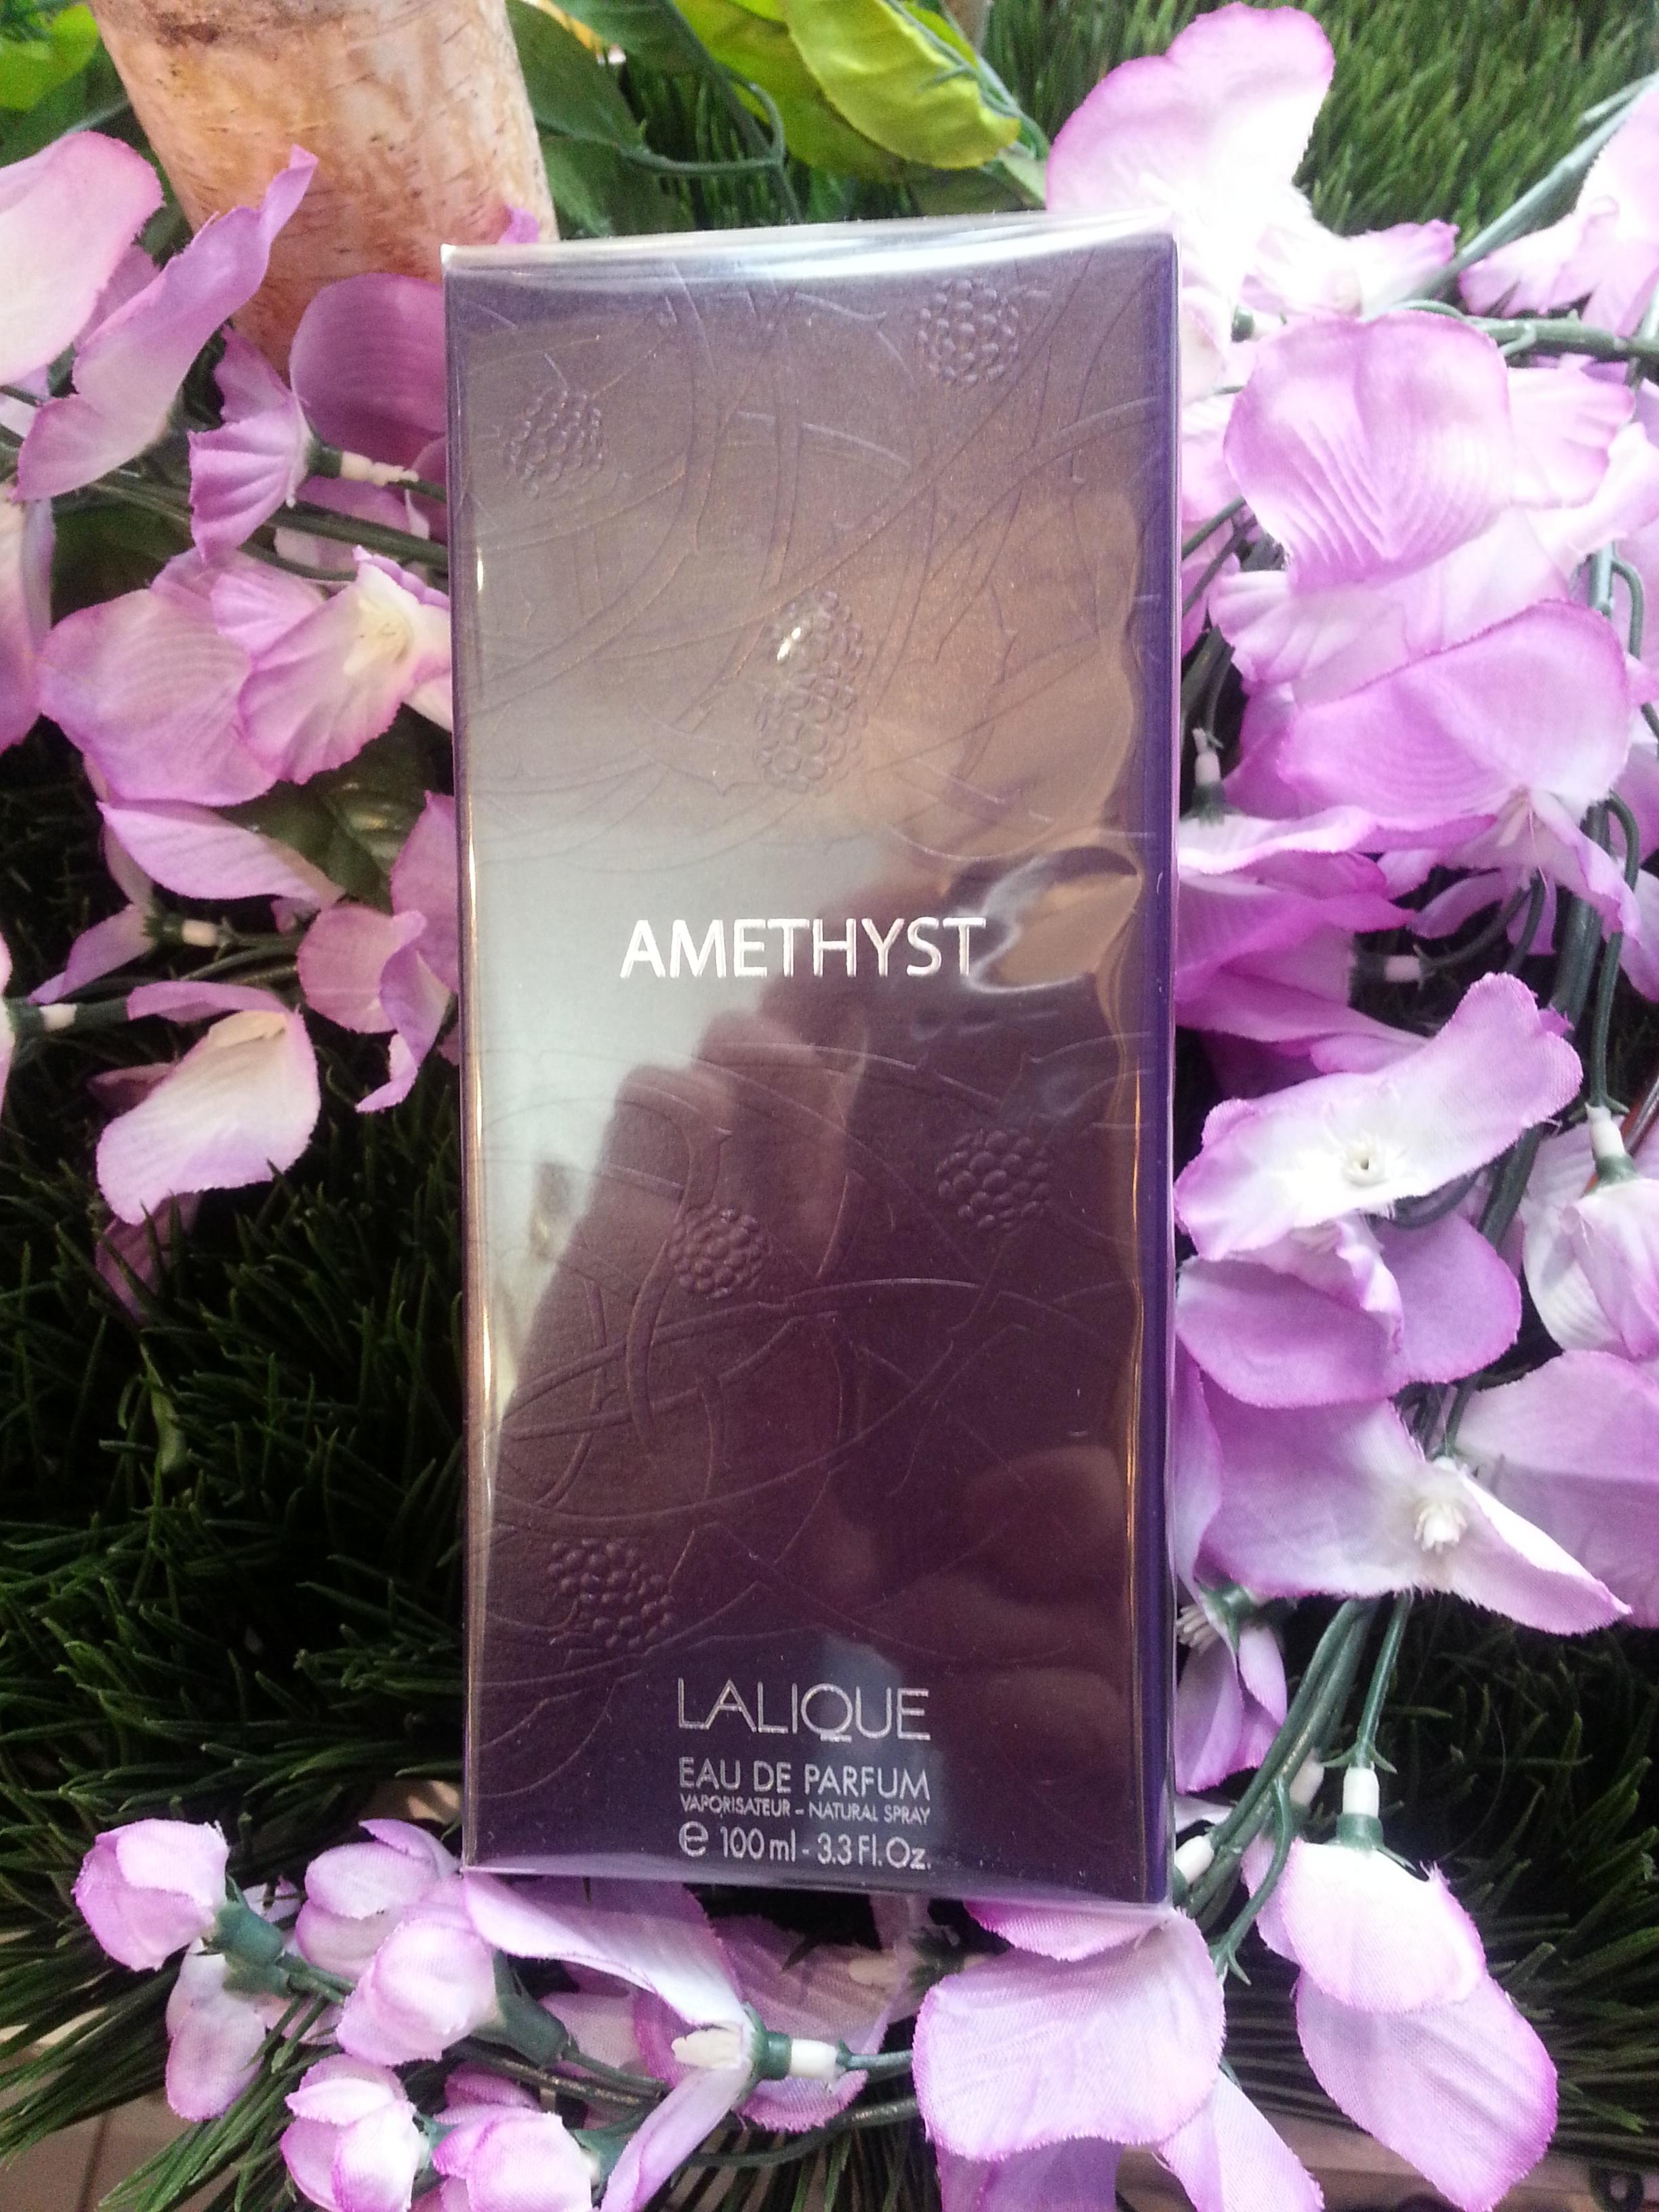 Lalique - Amethyst